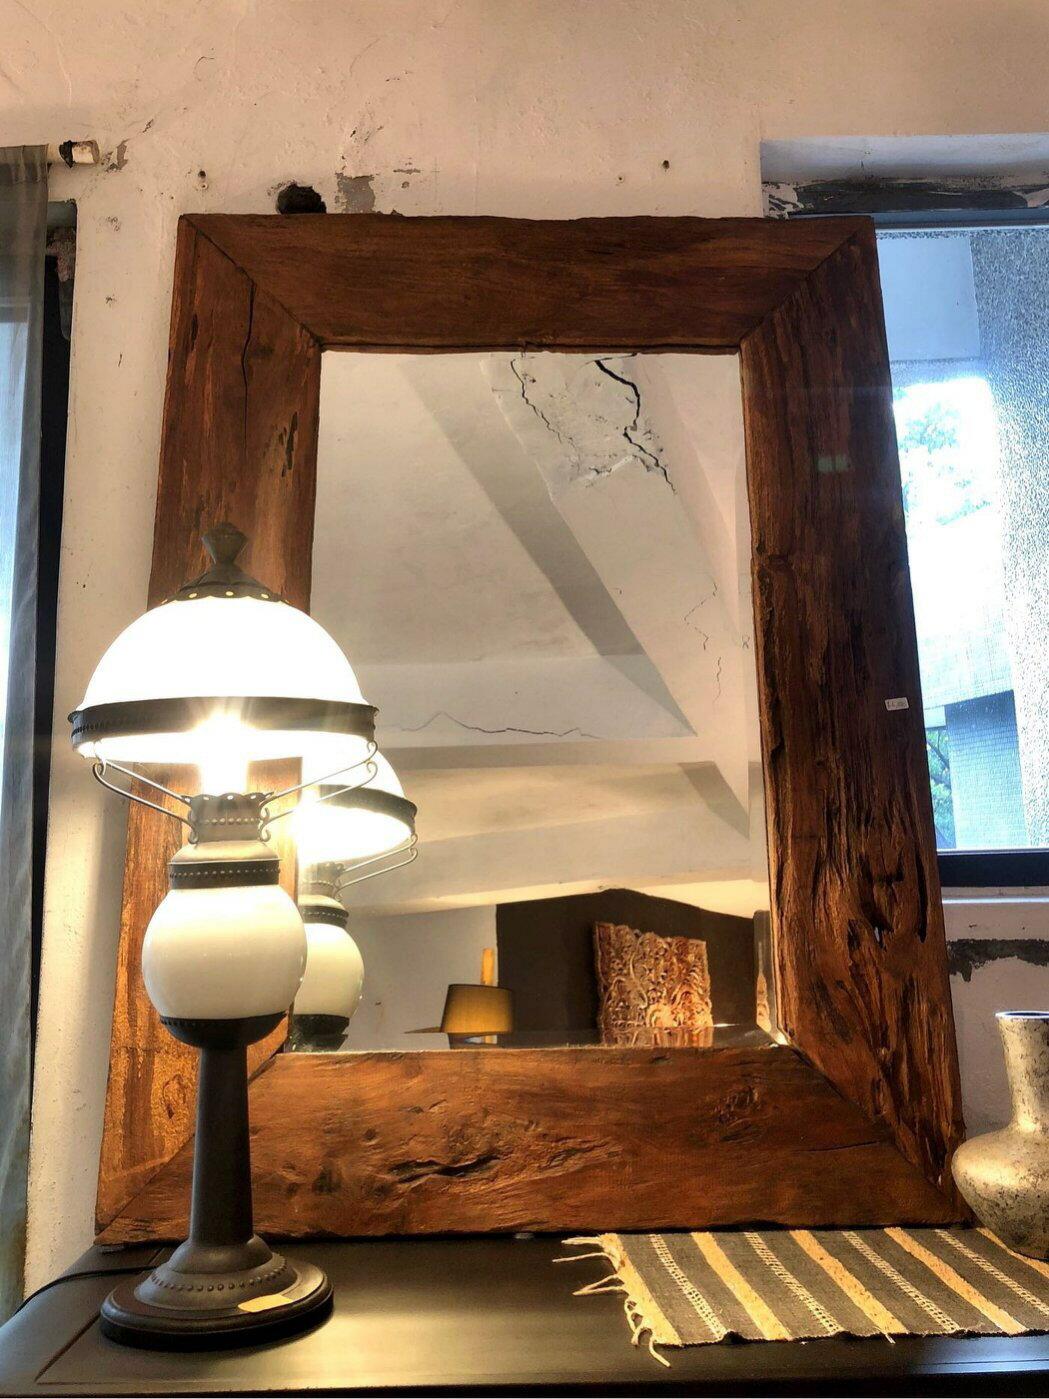 硬木方鏡掛鏡 (L112 W83.2 H3 cm)